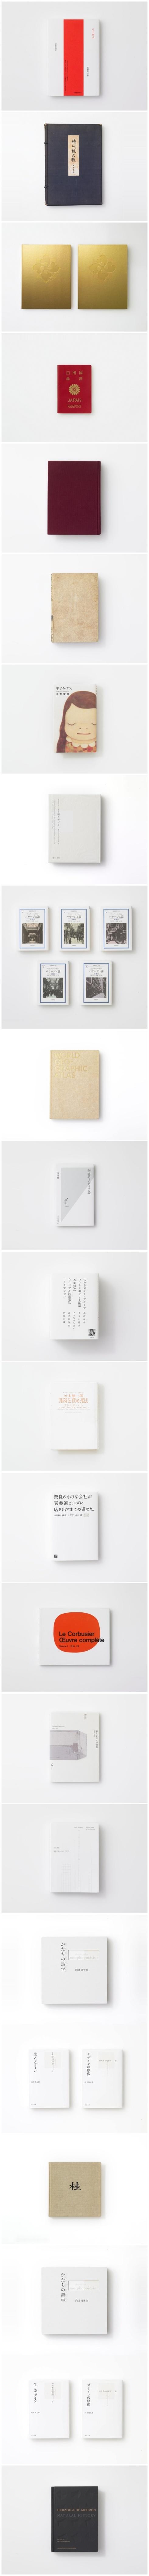 日本书籍设计